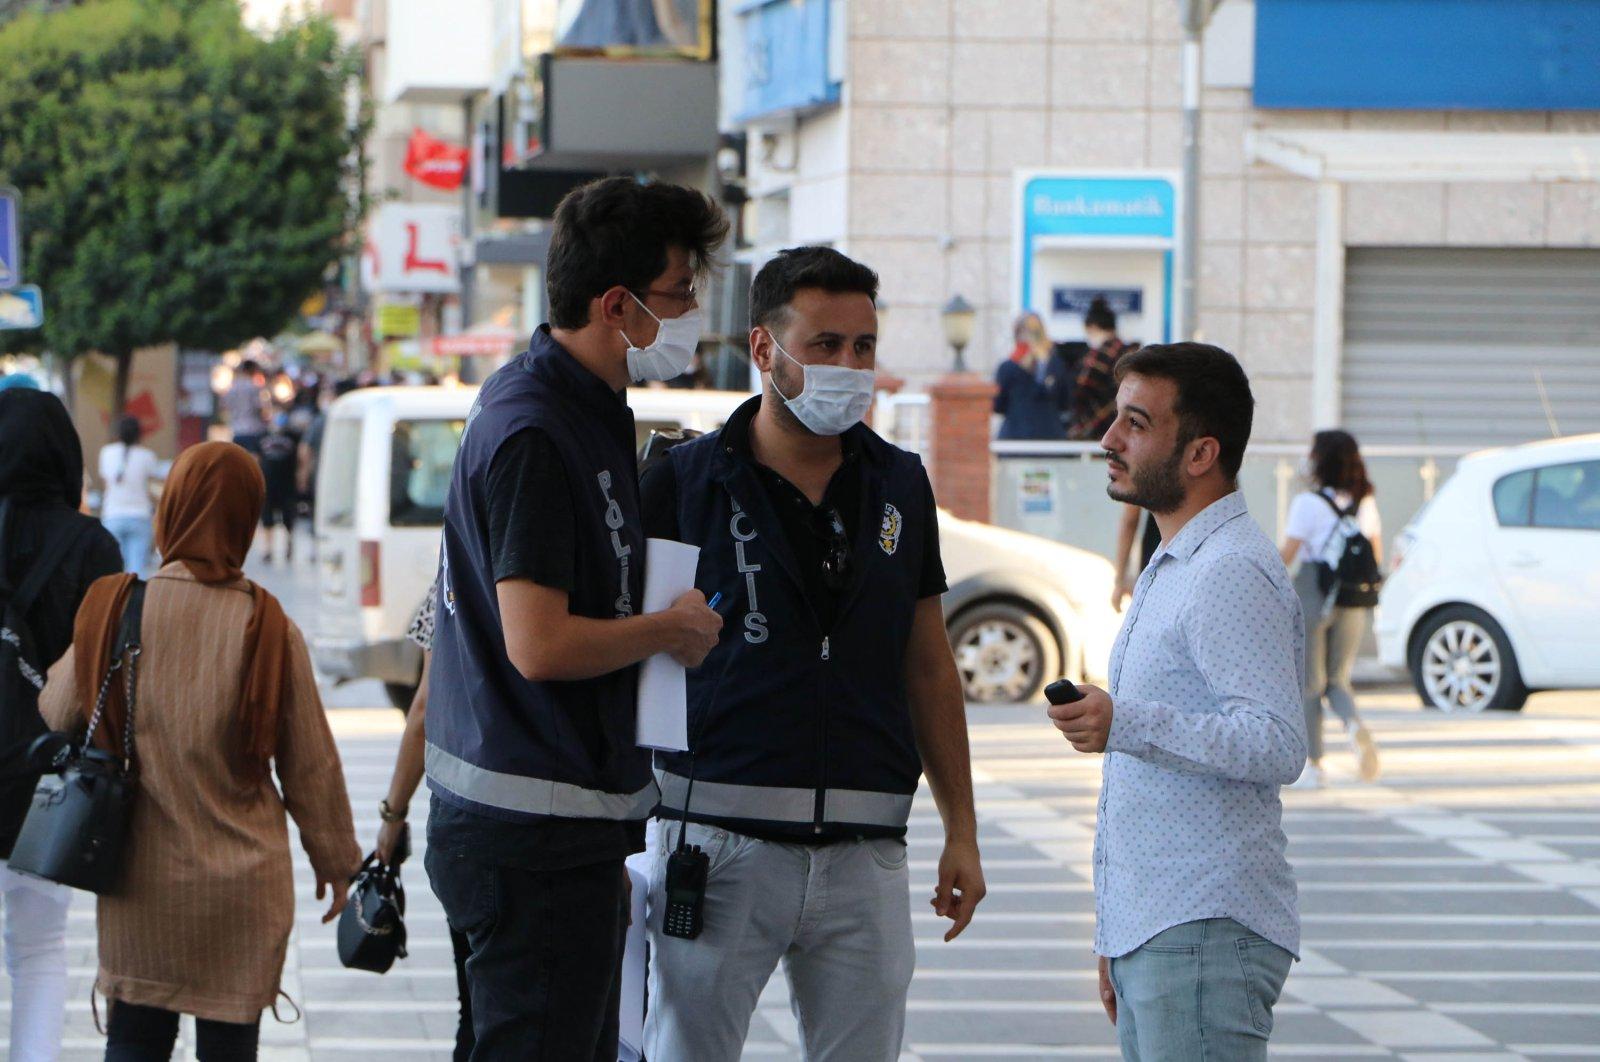 Policemen in southeastern Şanlıurfa province warn a citizen to wear a mask on July 24, 2020 (AA Photo)